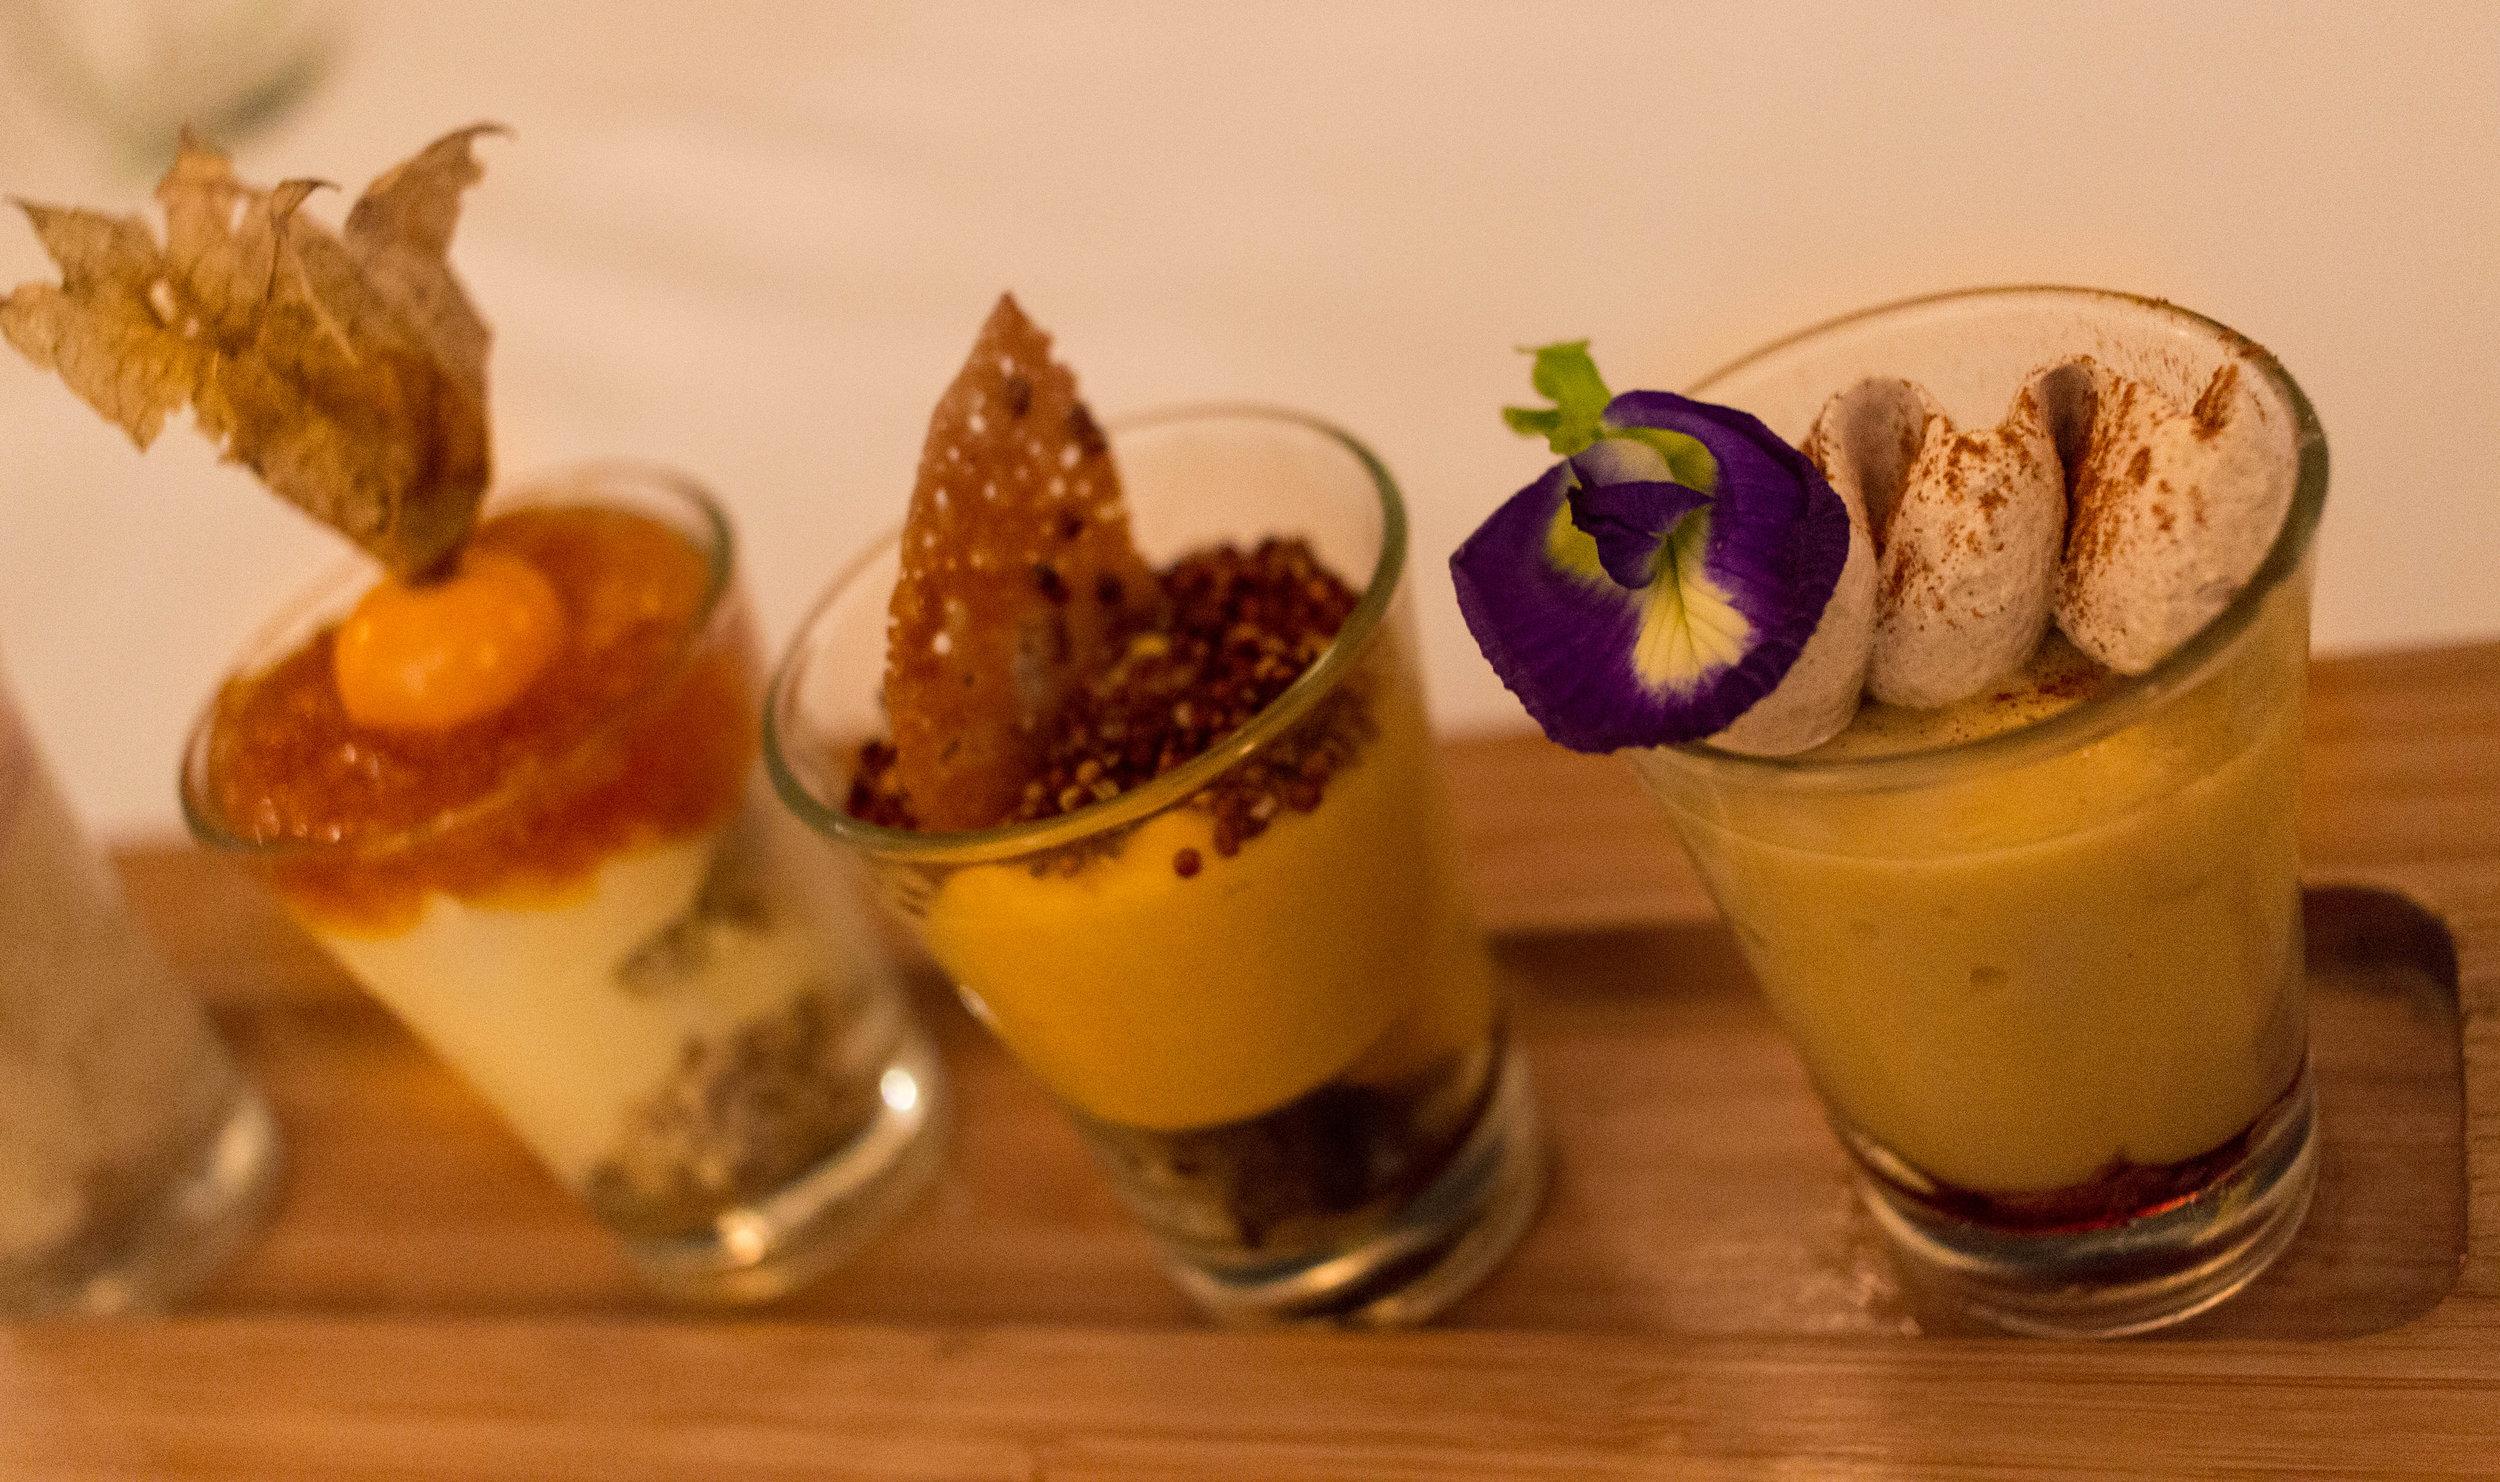 The elegant dessert at La Huaca Pucllana